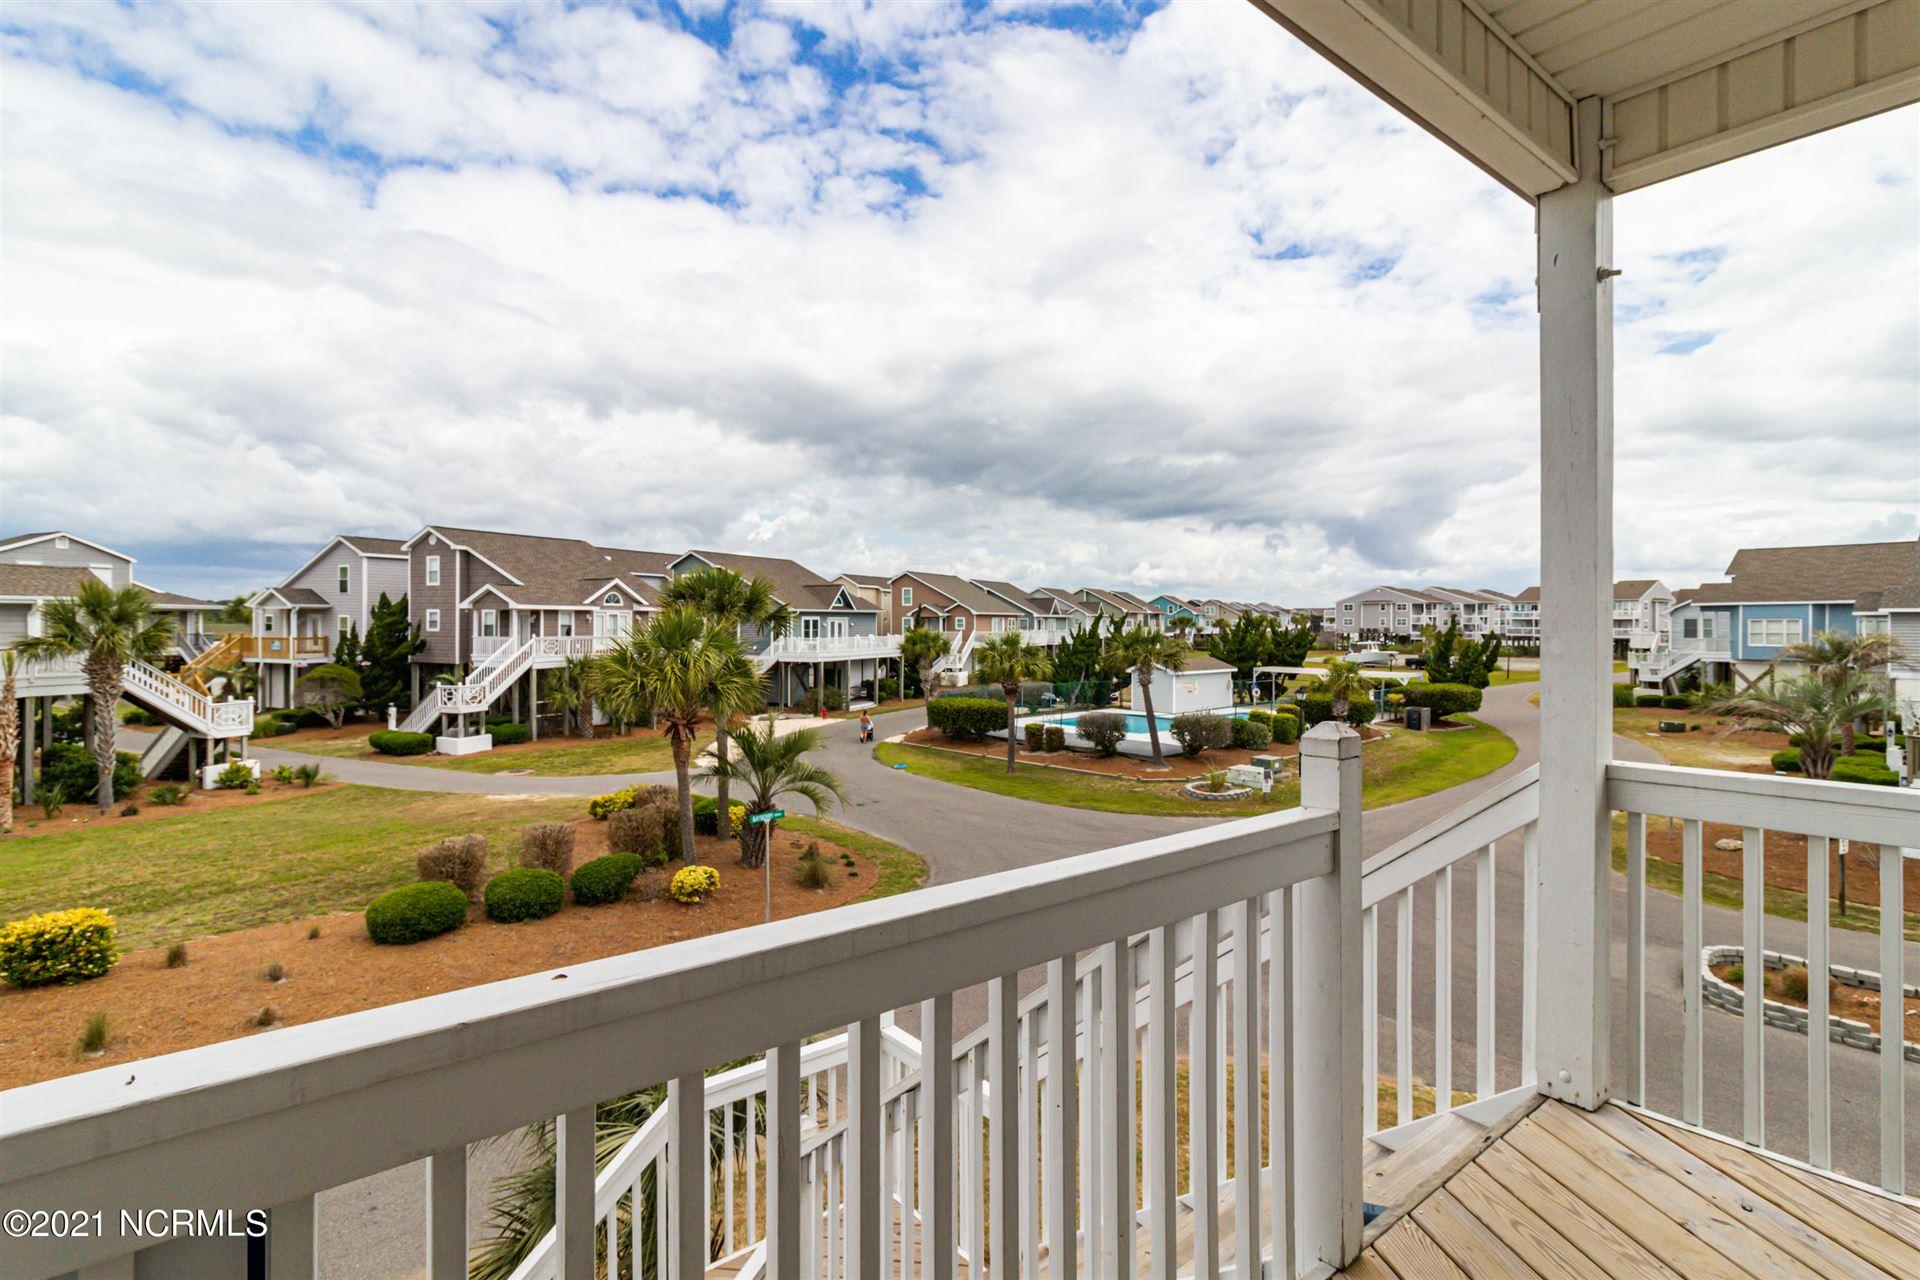 Photo of 1 Bayberry Drive, Ocean Isle Beach, NC 28469 (MLS # 100272372)